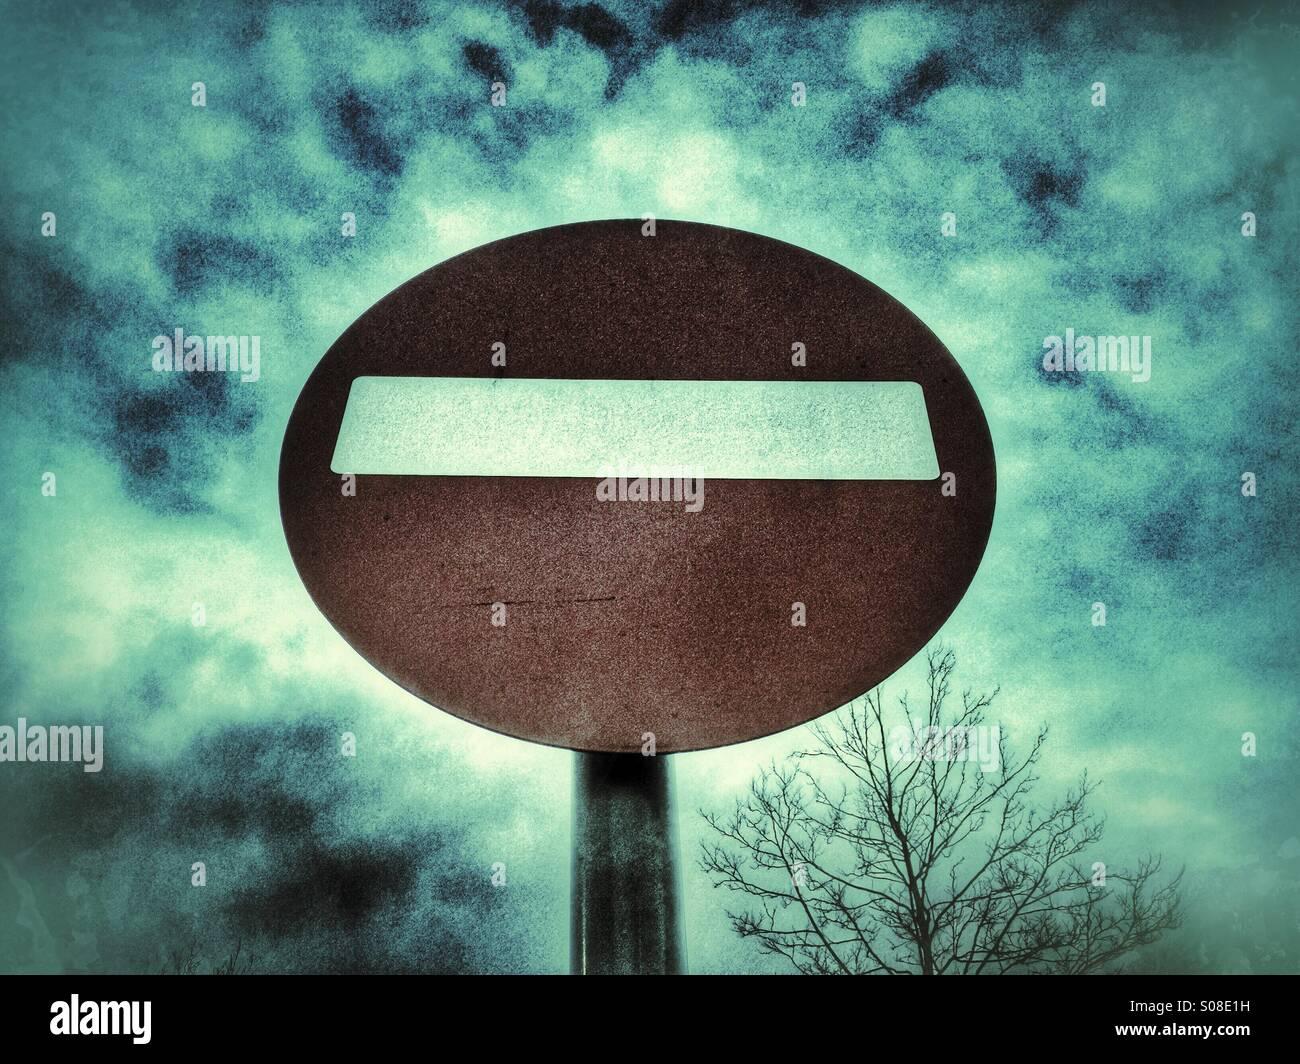 Kein Eintrag-Verkehrszeichen Stockbild